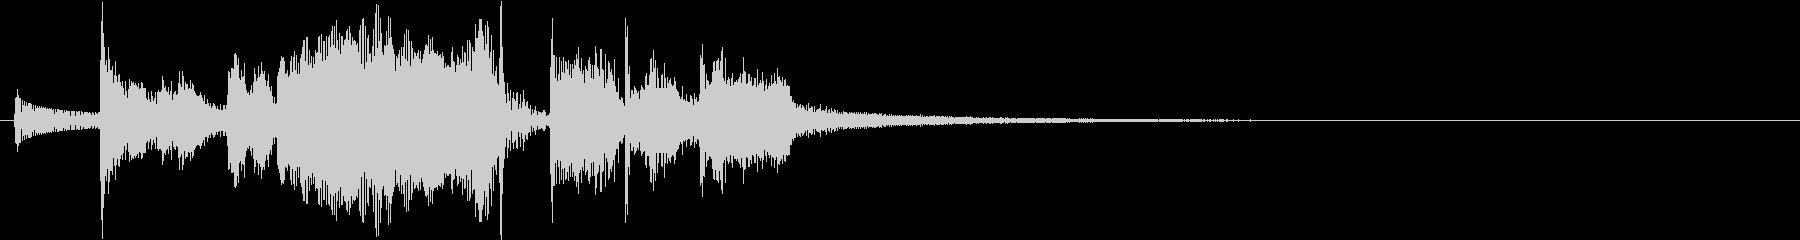 シンプルなジングル。ホーンセクションの未再生の波形